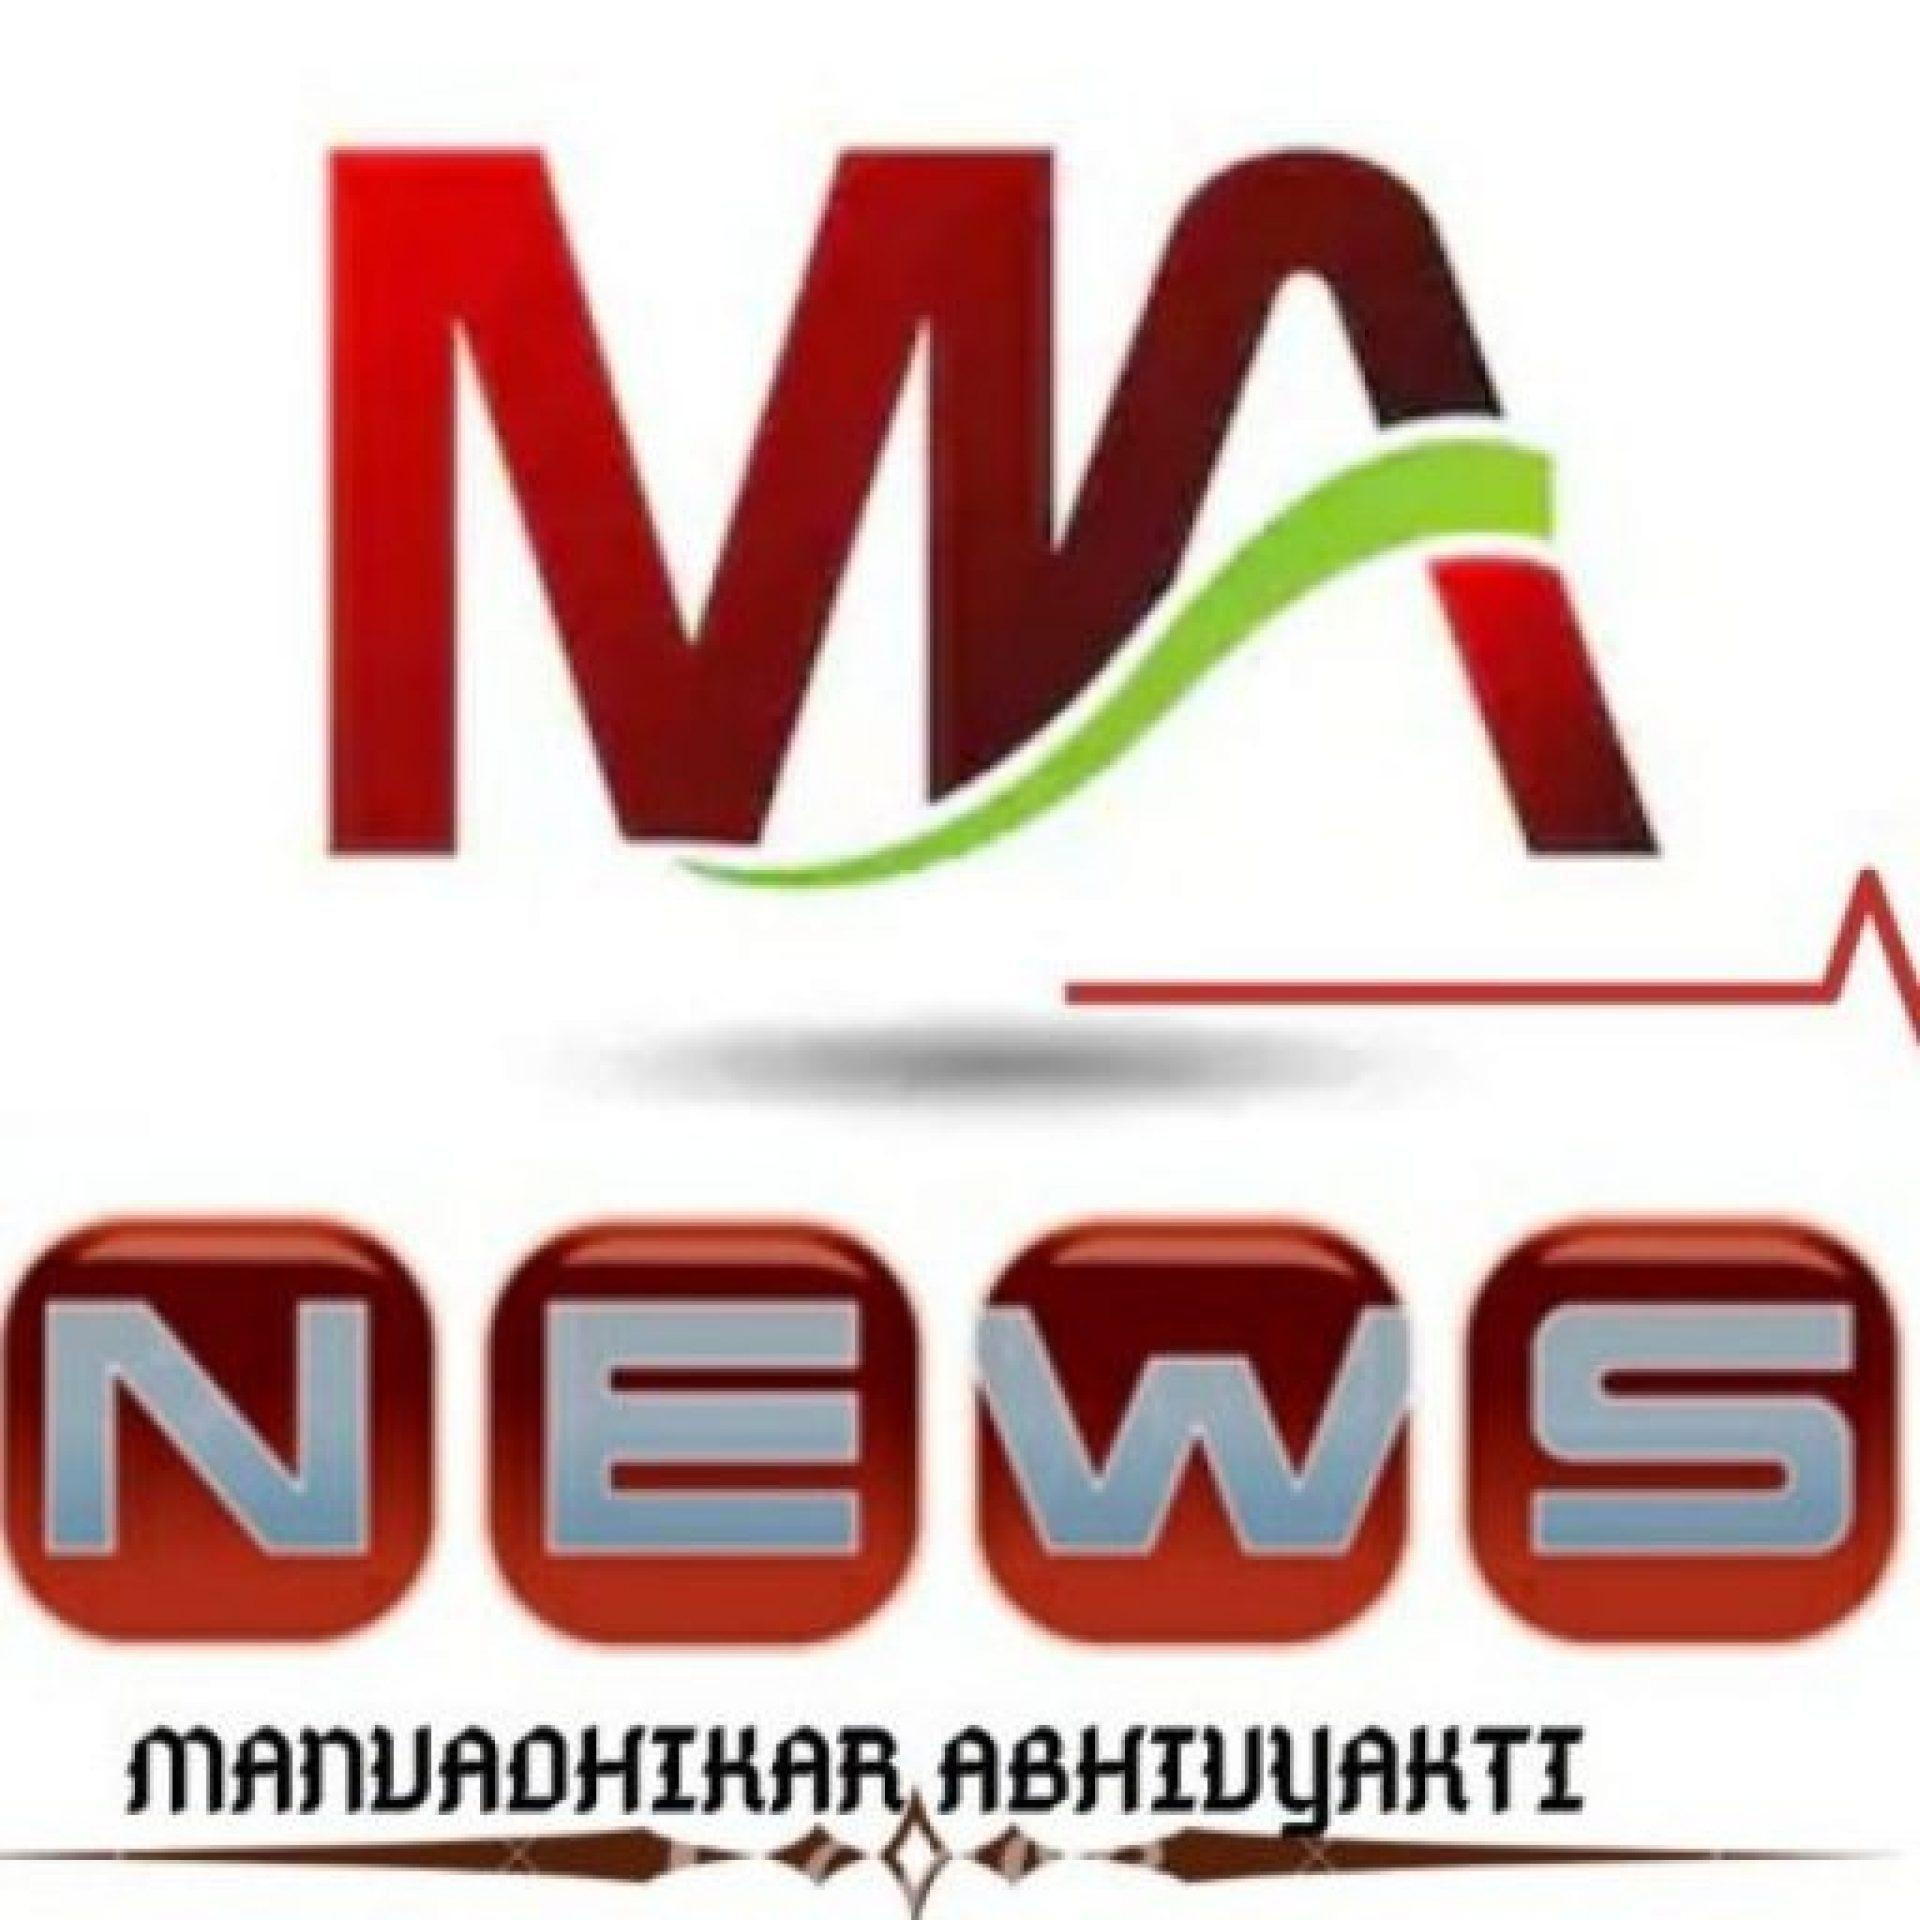 Manvadhikar Abhivyakti News